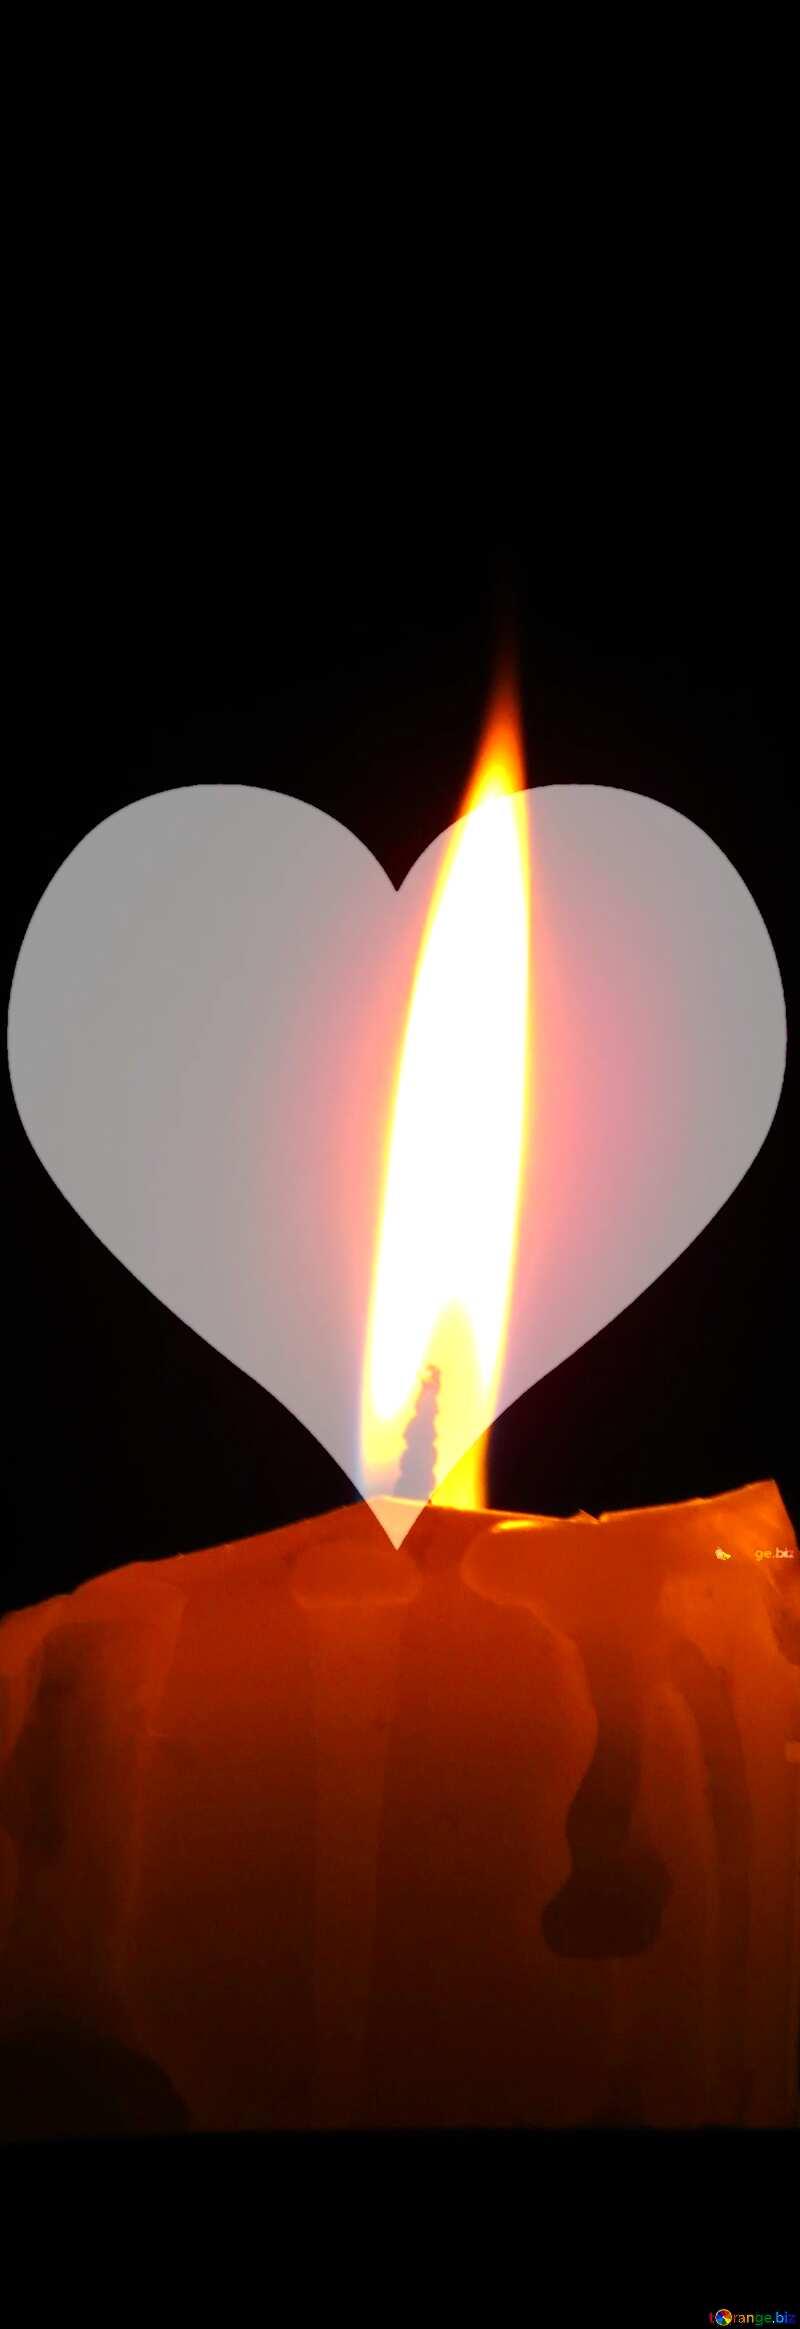 flamme de Bougie №17412